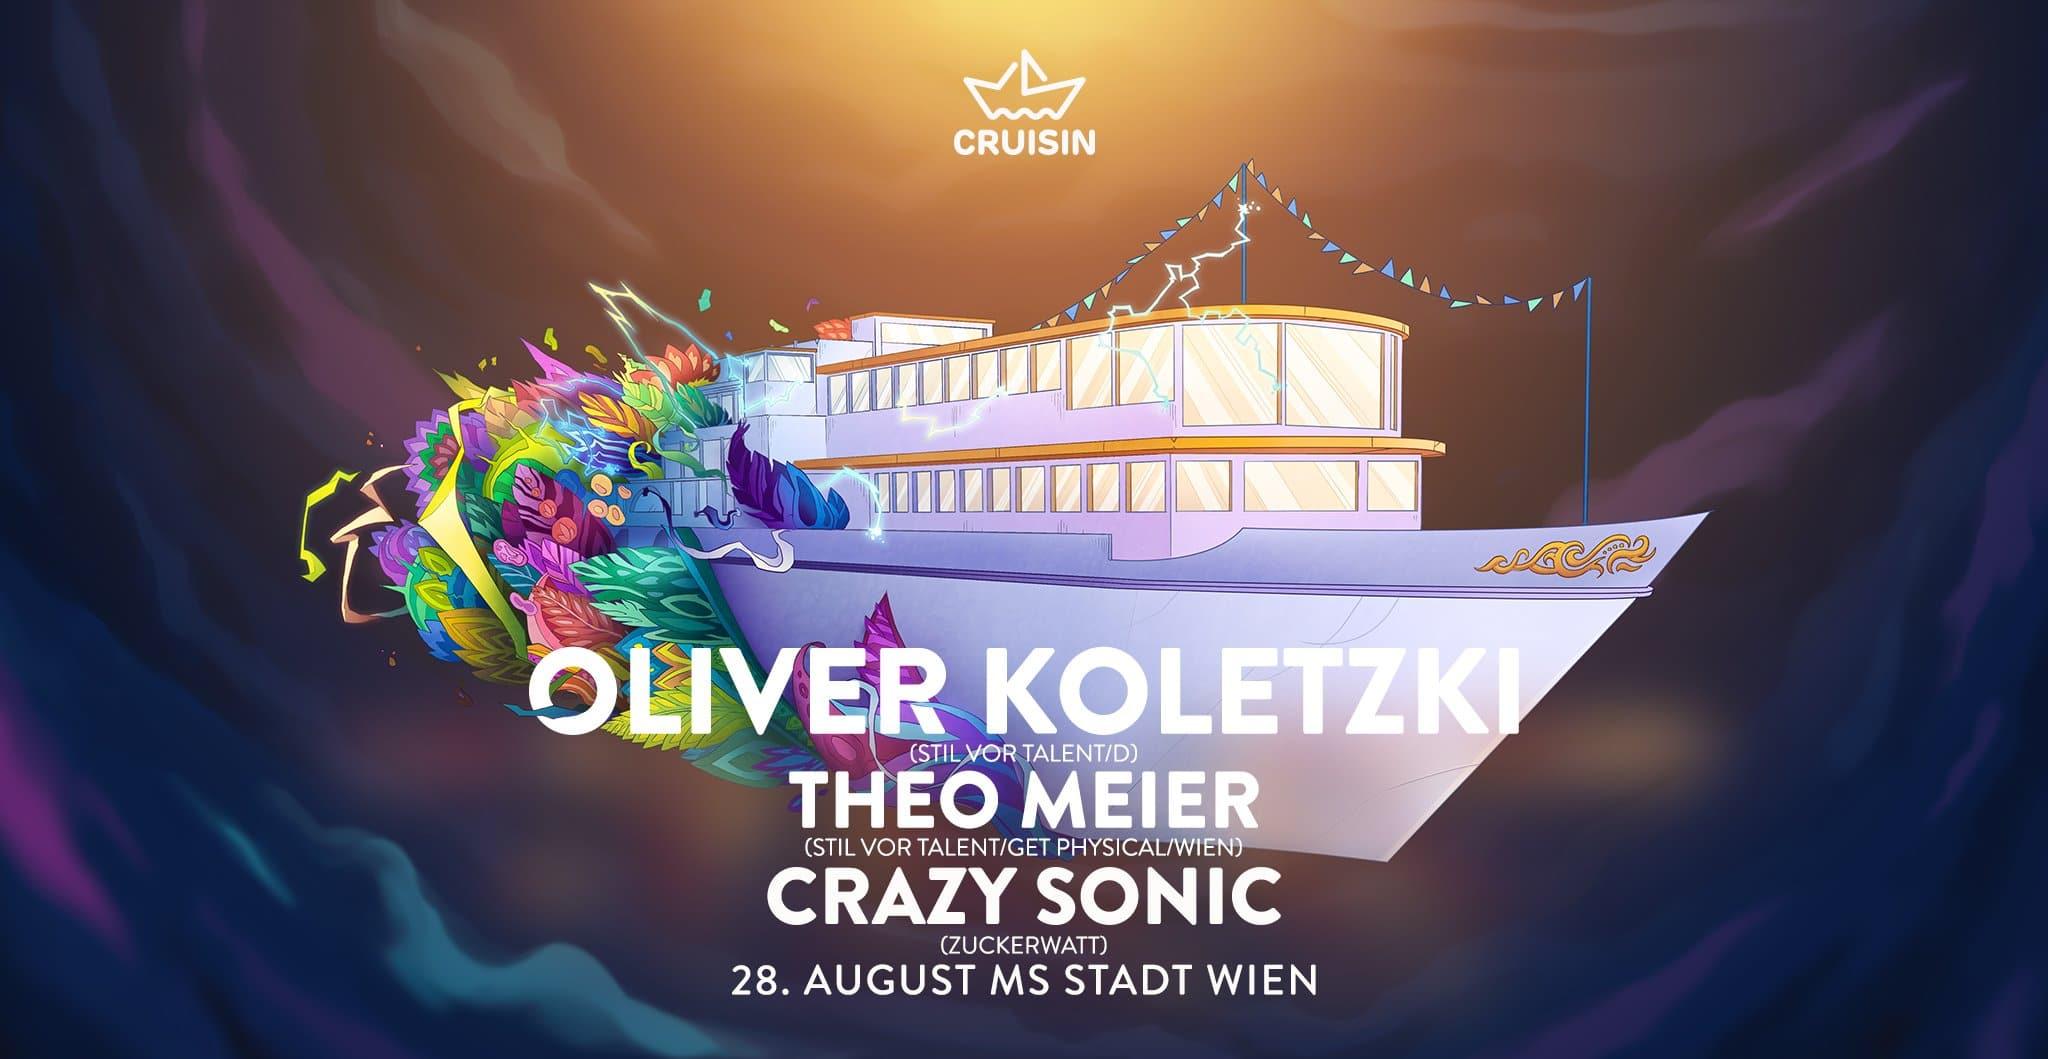 Events Wien: Cruisin w/ Oliver Koletzki